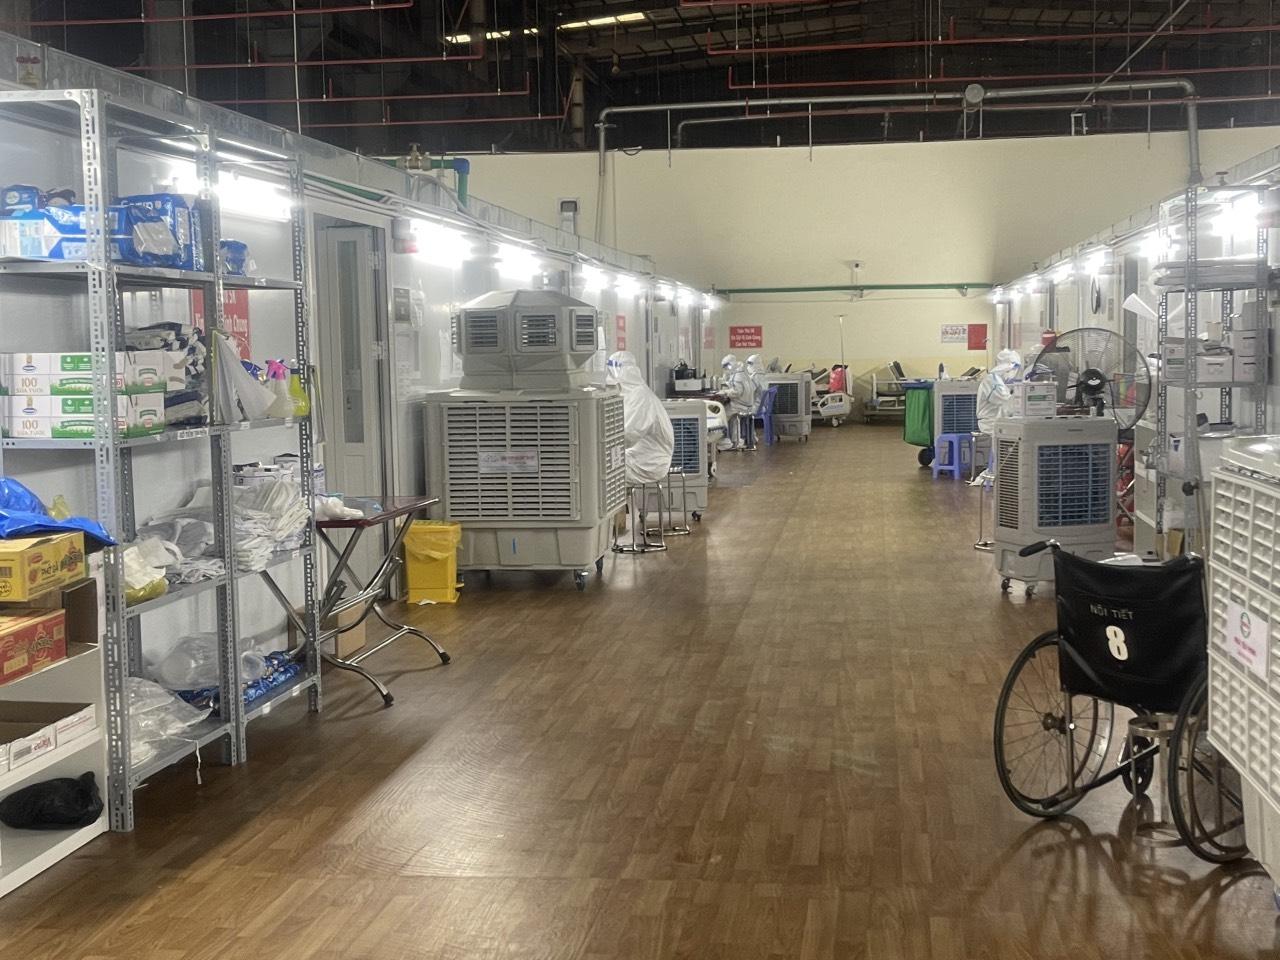 Công ty Nhựa Tiền Phong trao tặng máy lọc không khí và vật tư y tế cho Bệnh viện Bạch Mai